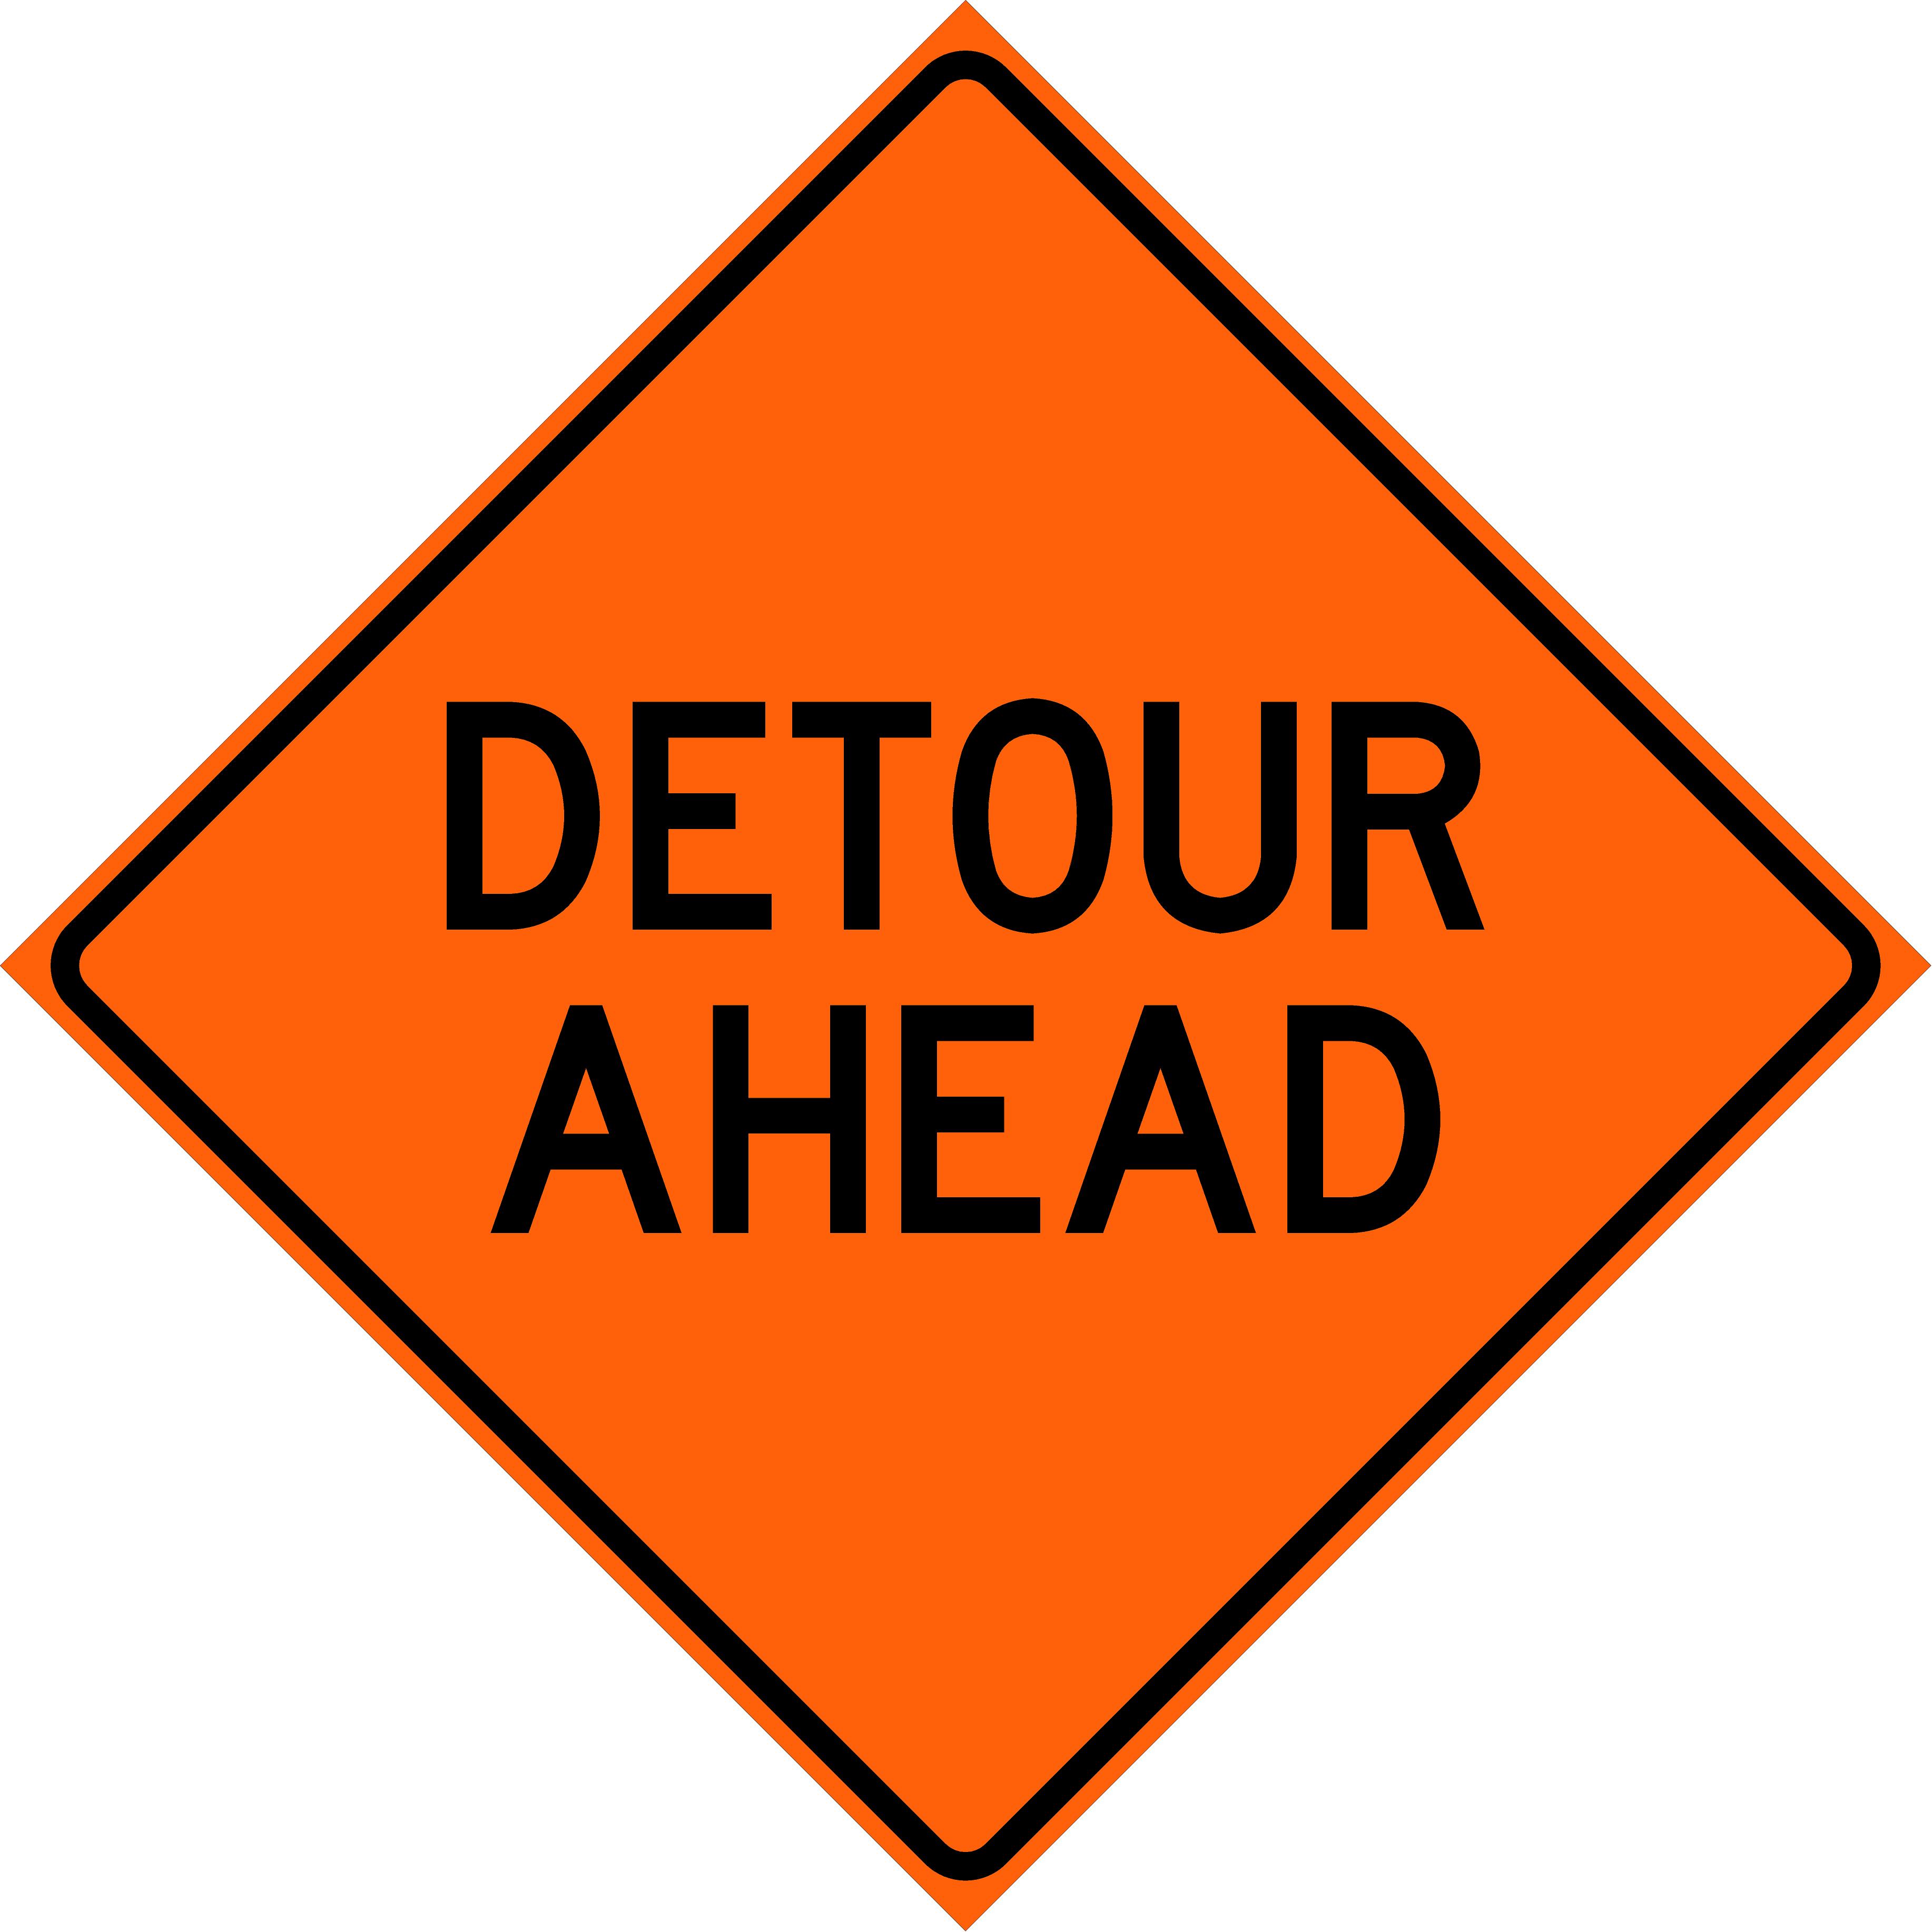 Detour Ahead (W20-2)